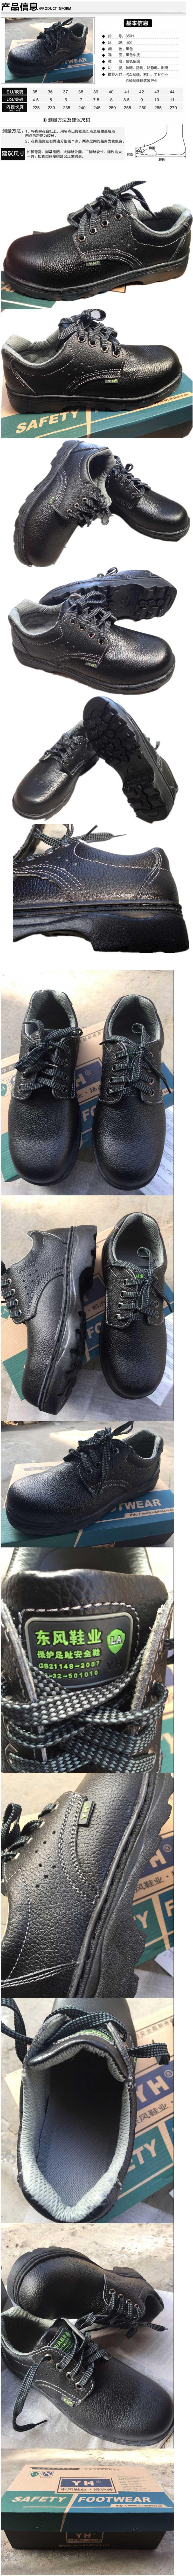 扬沪牌(YH)劳保鞋